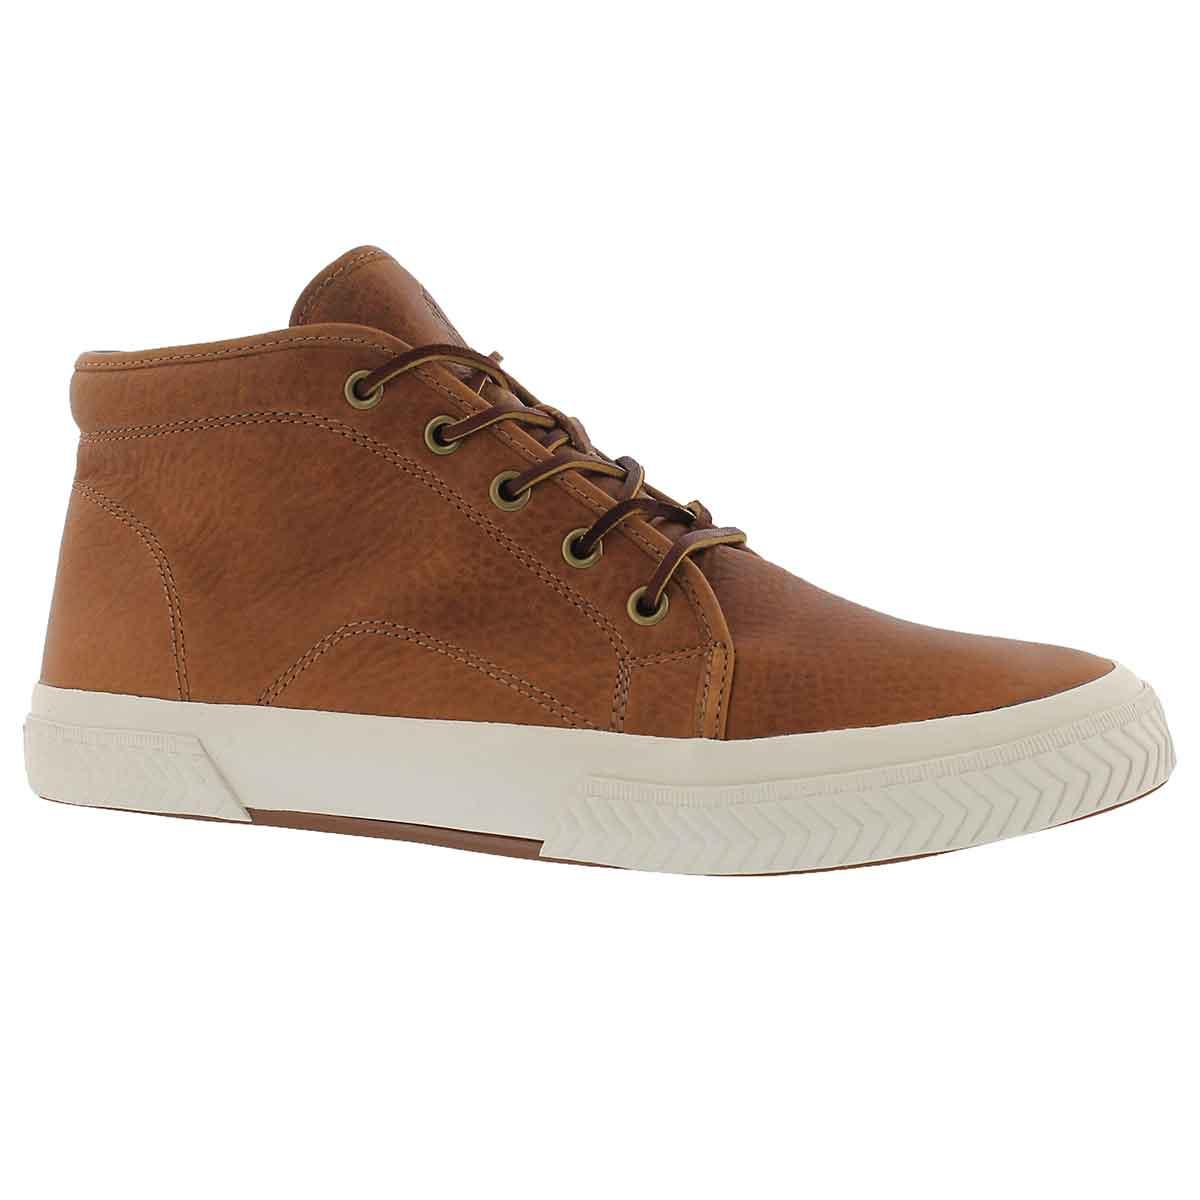 Men's THURLOS tan high top sneakers